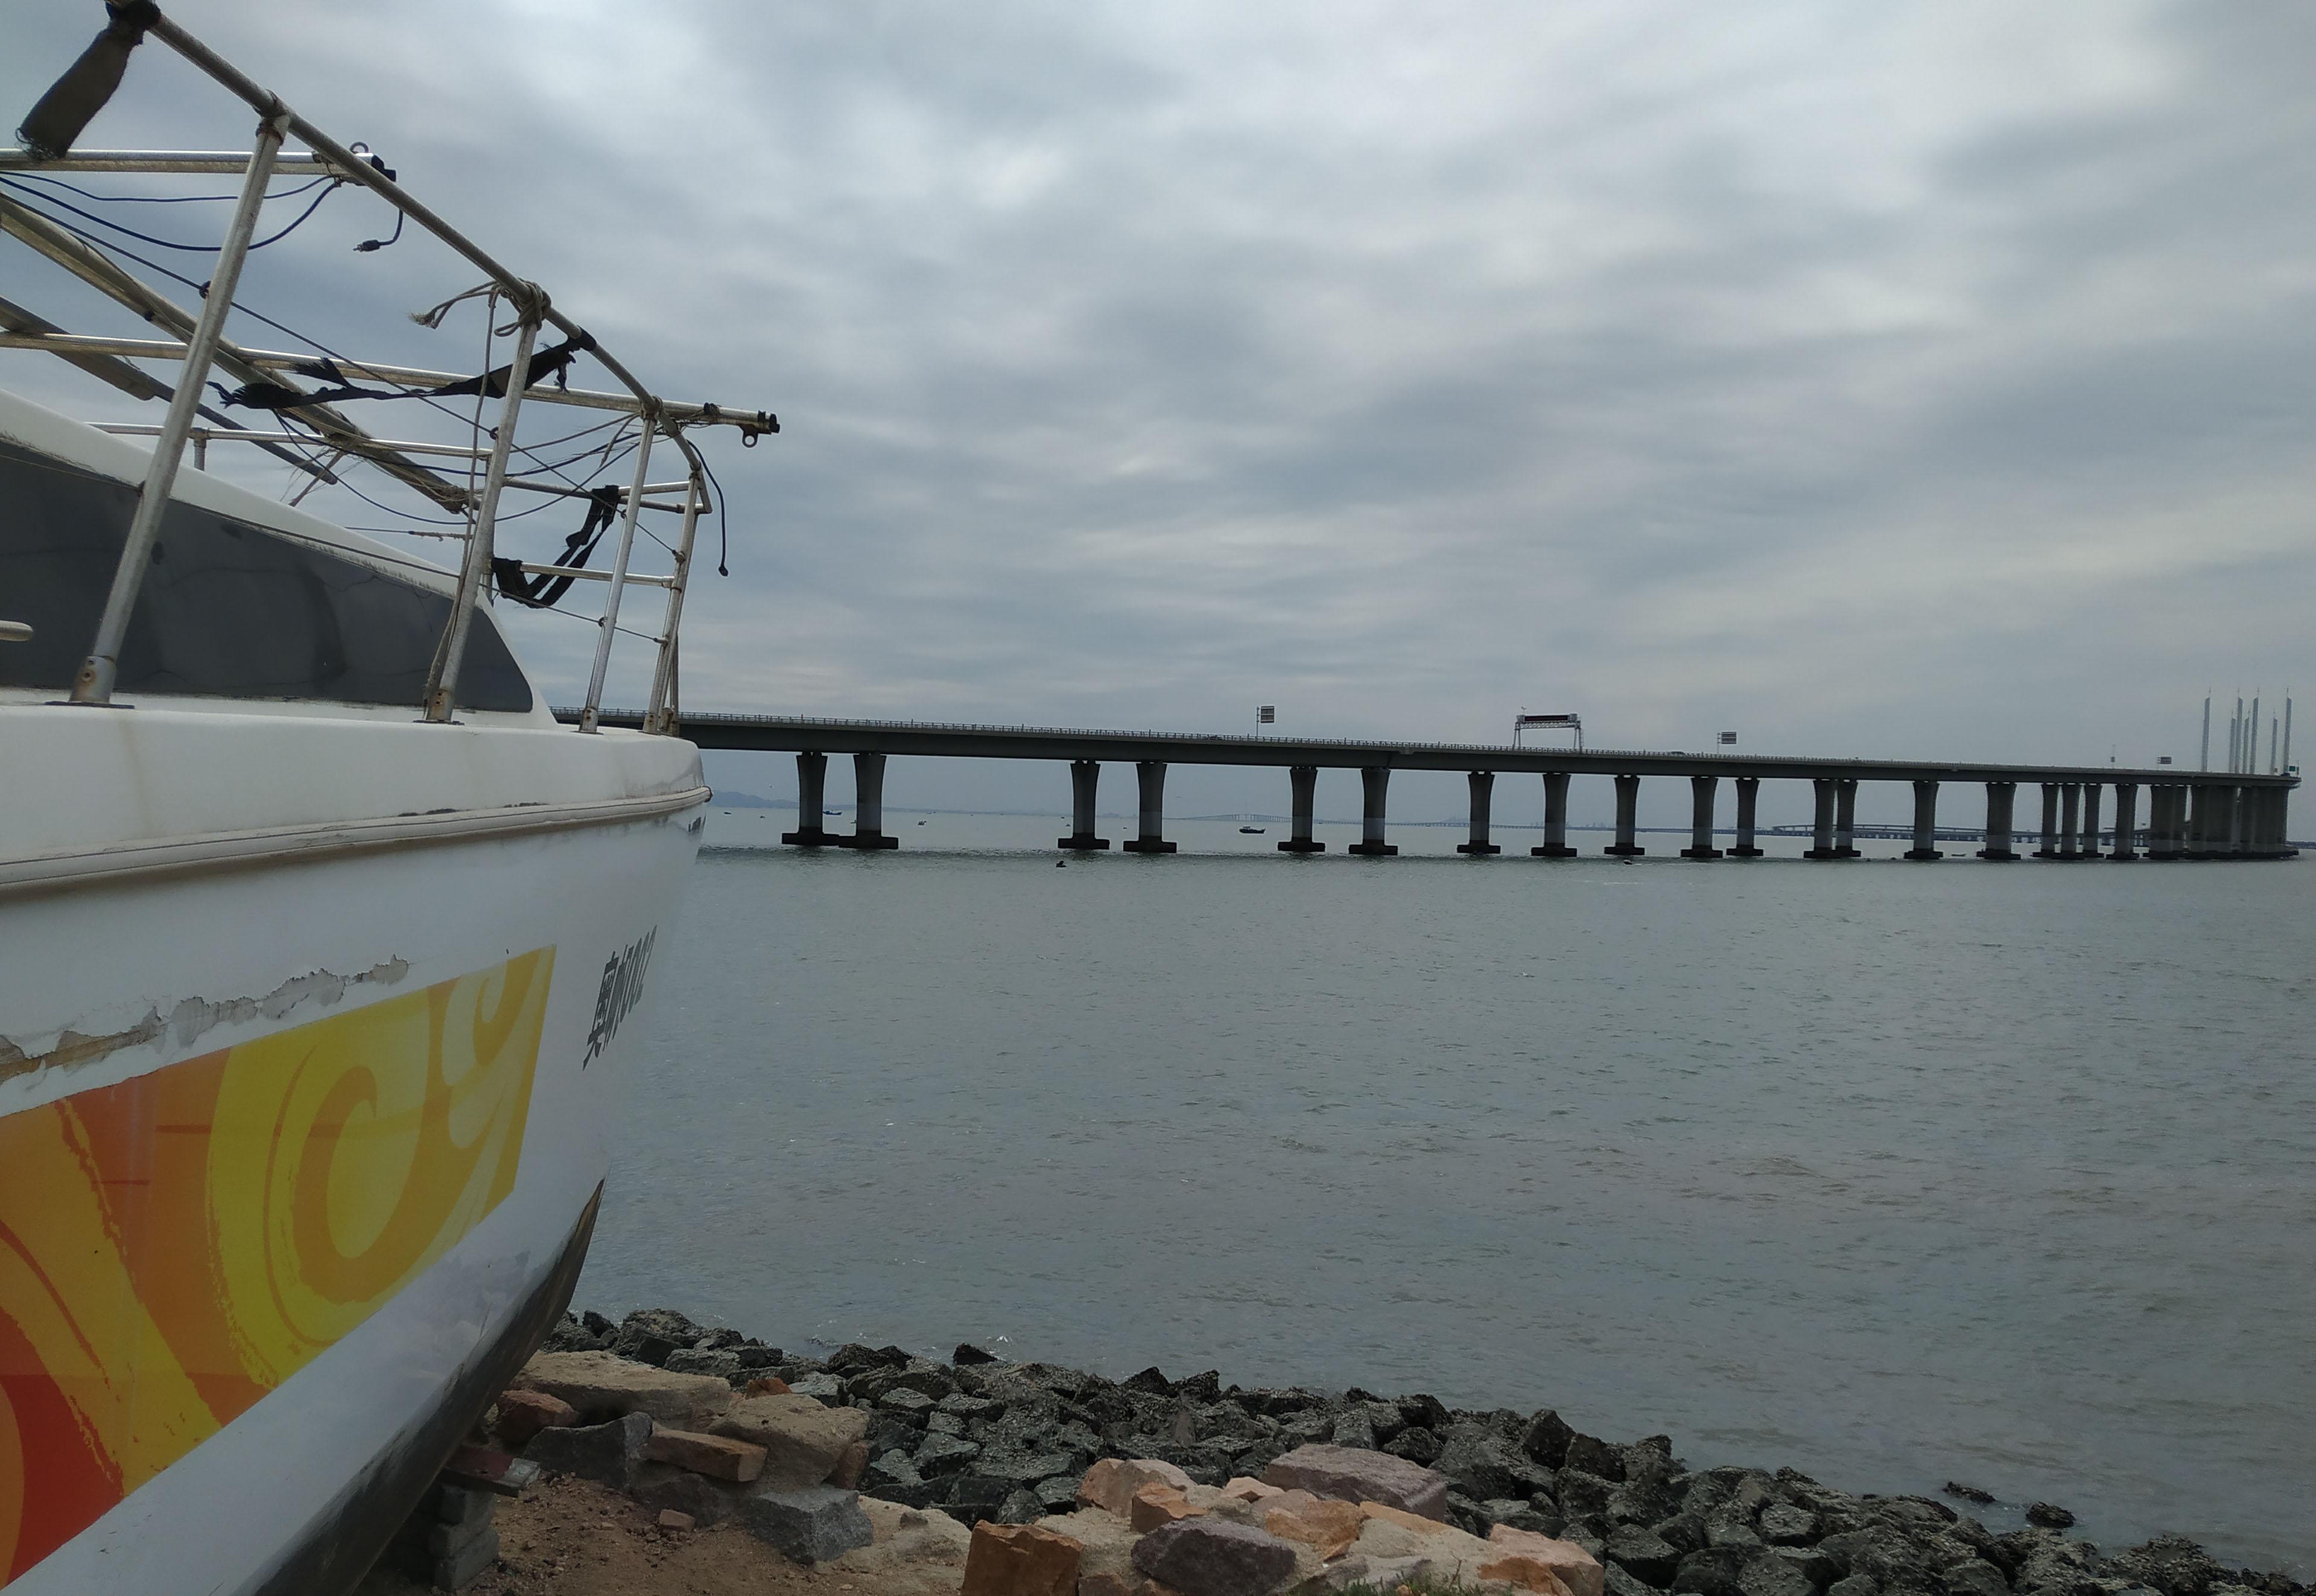 豪华羊圈!胶州废旧游艇成安乐窝,山羊惬意看海景!